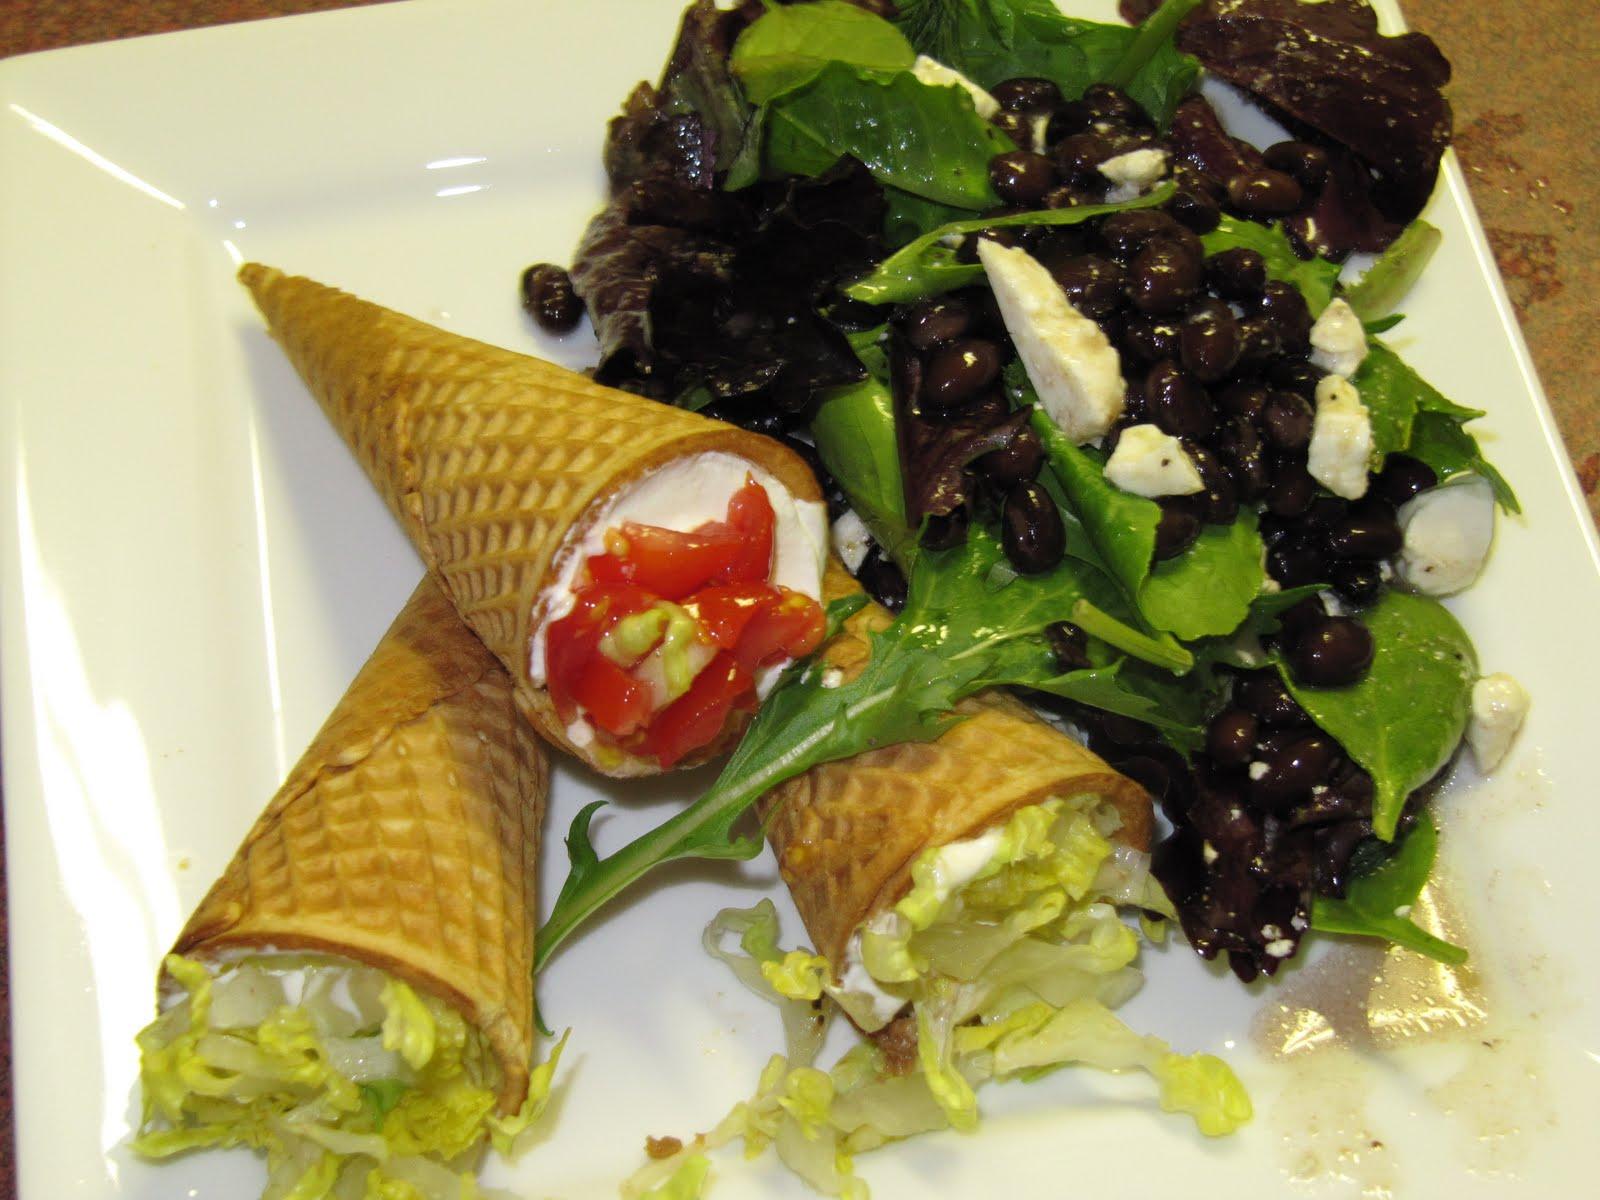 مواد لازم دکوپاژ Welcome to Shamshiri cafe: June 2010